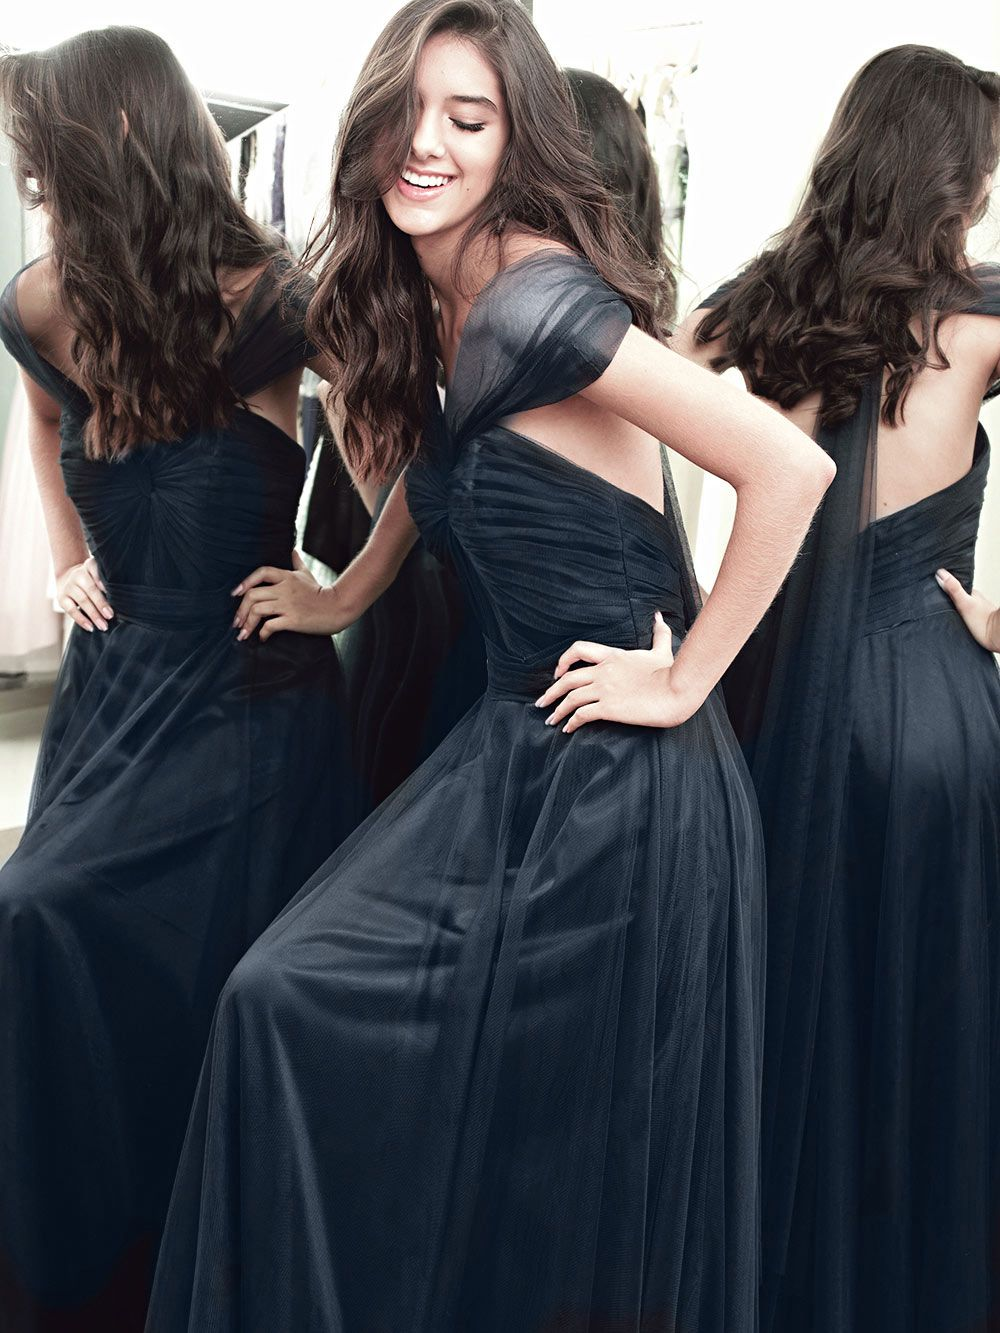 Conoce aquí los mejores tips para saber cual es el vestido que debes usar para tu grado.